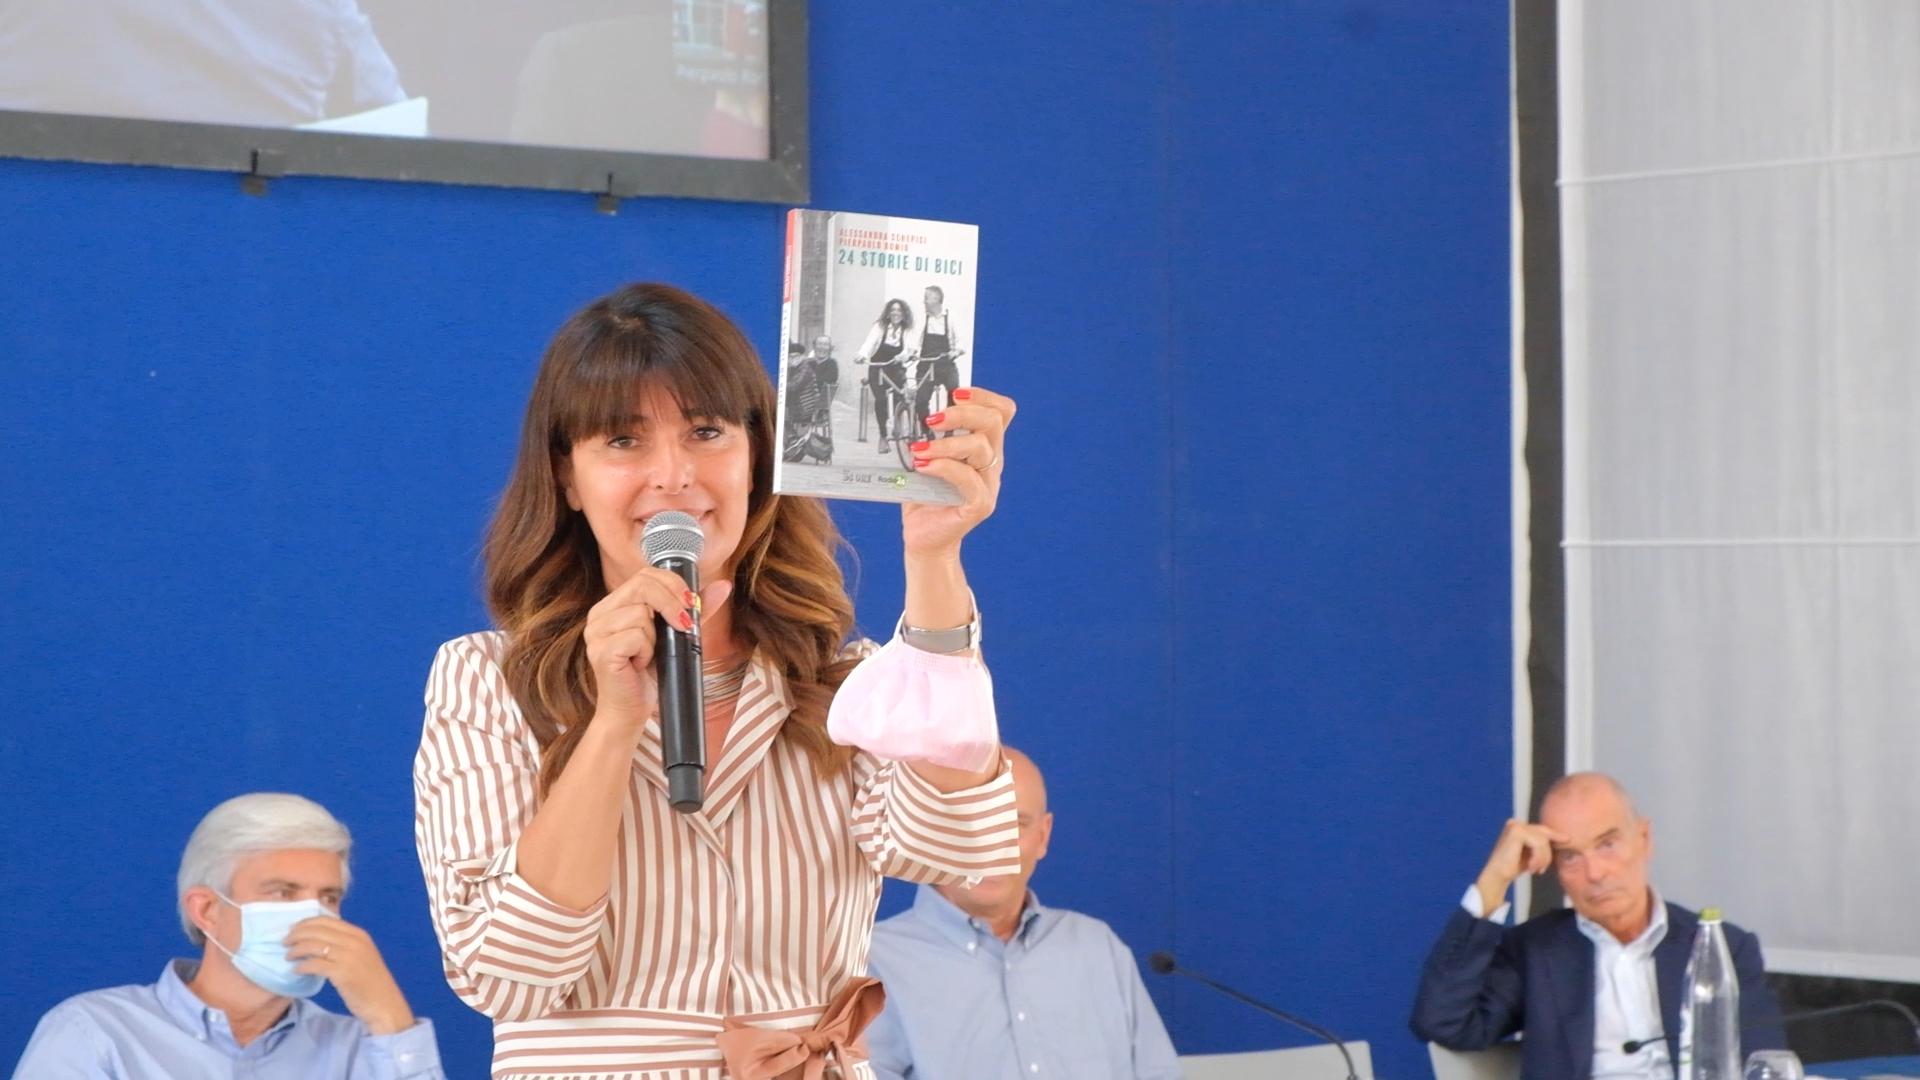 Ludovica Casellati